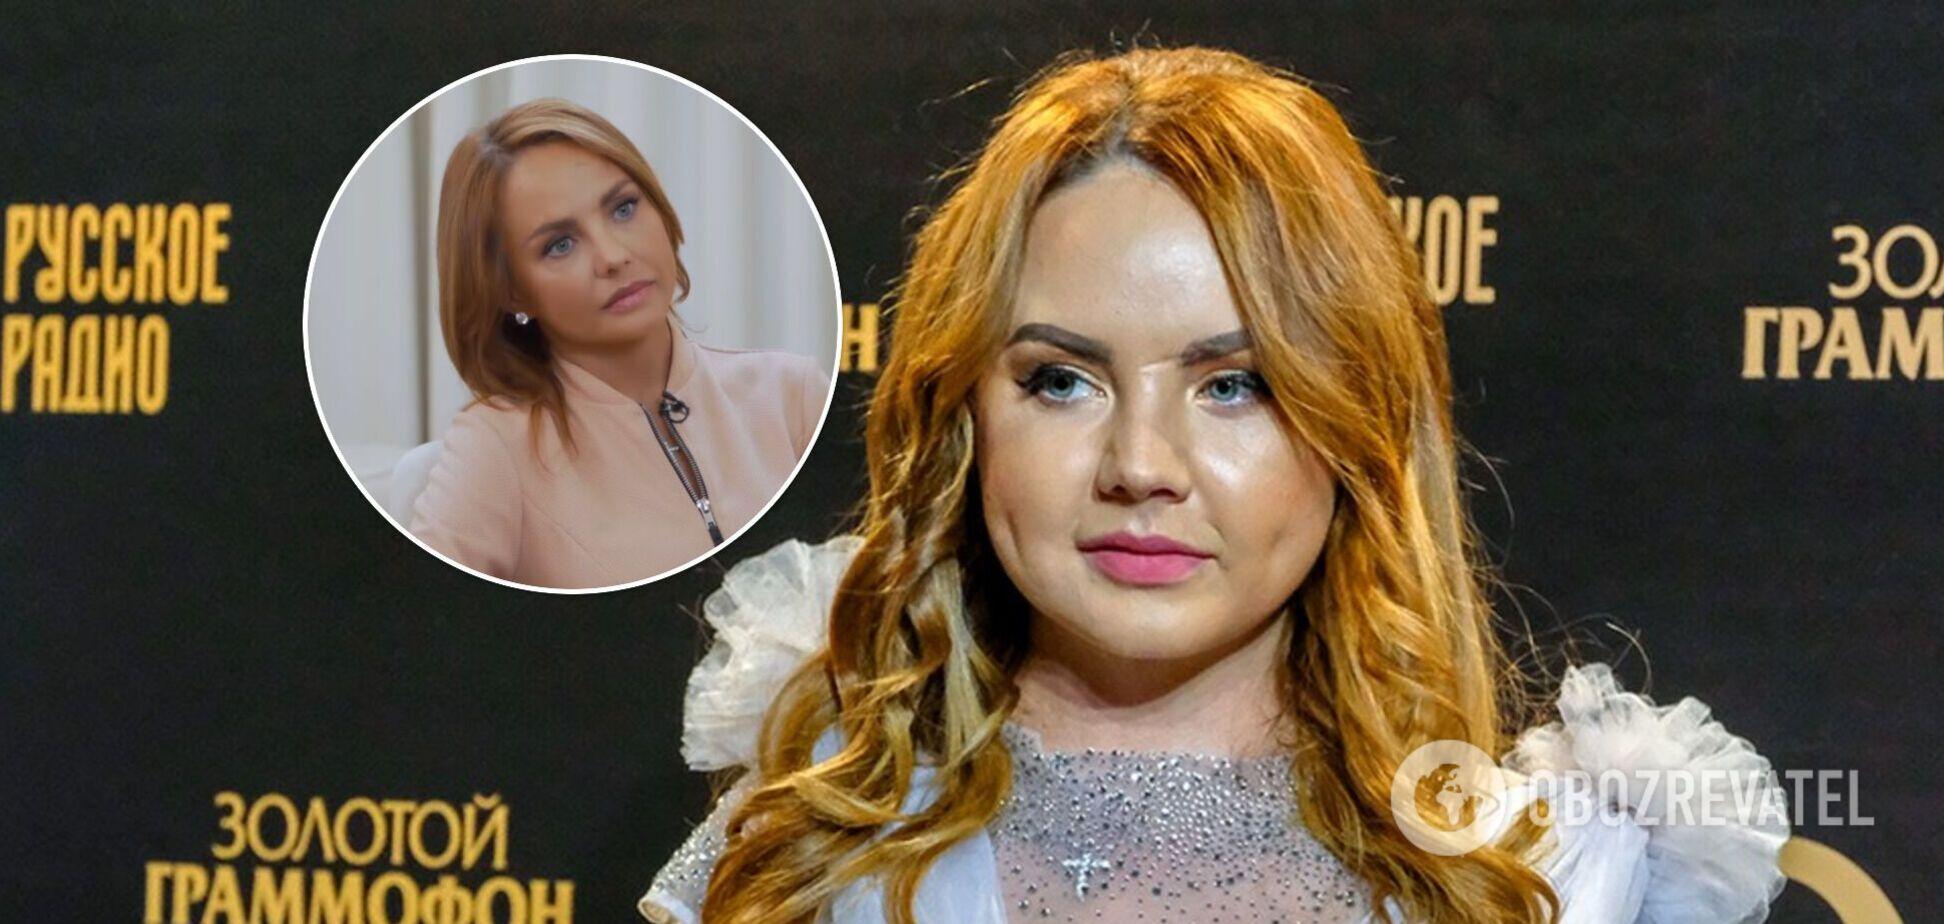 Співачка МакSим вперше розсекретила свою вагу після хвороби